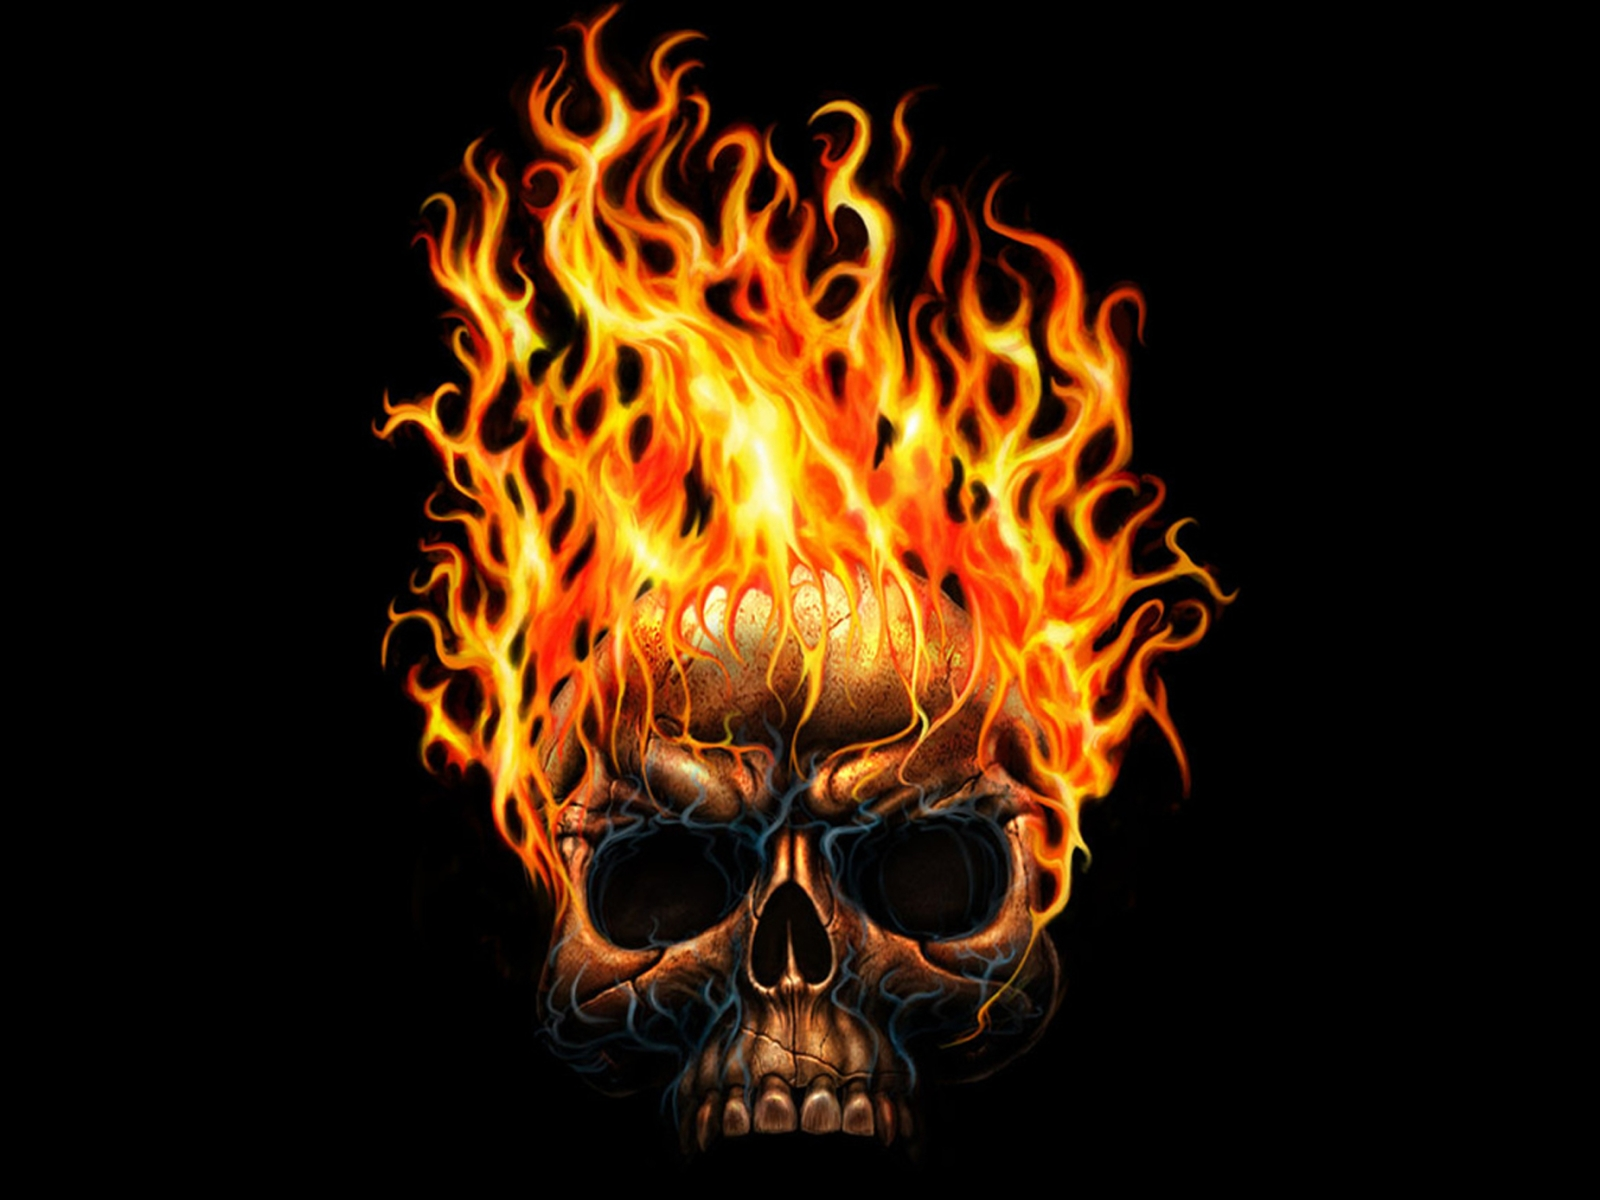 картинки черепов в огне с костями обладают спокойным характером